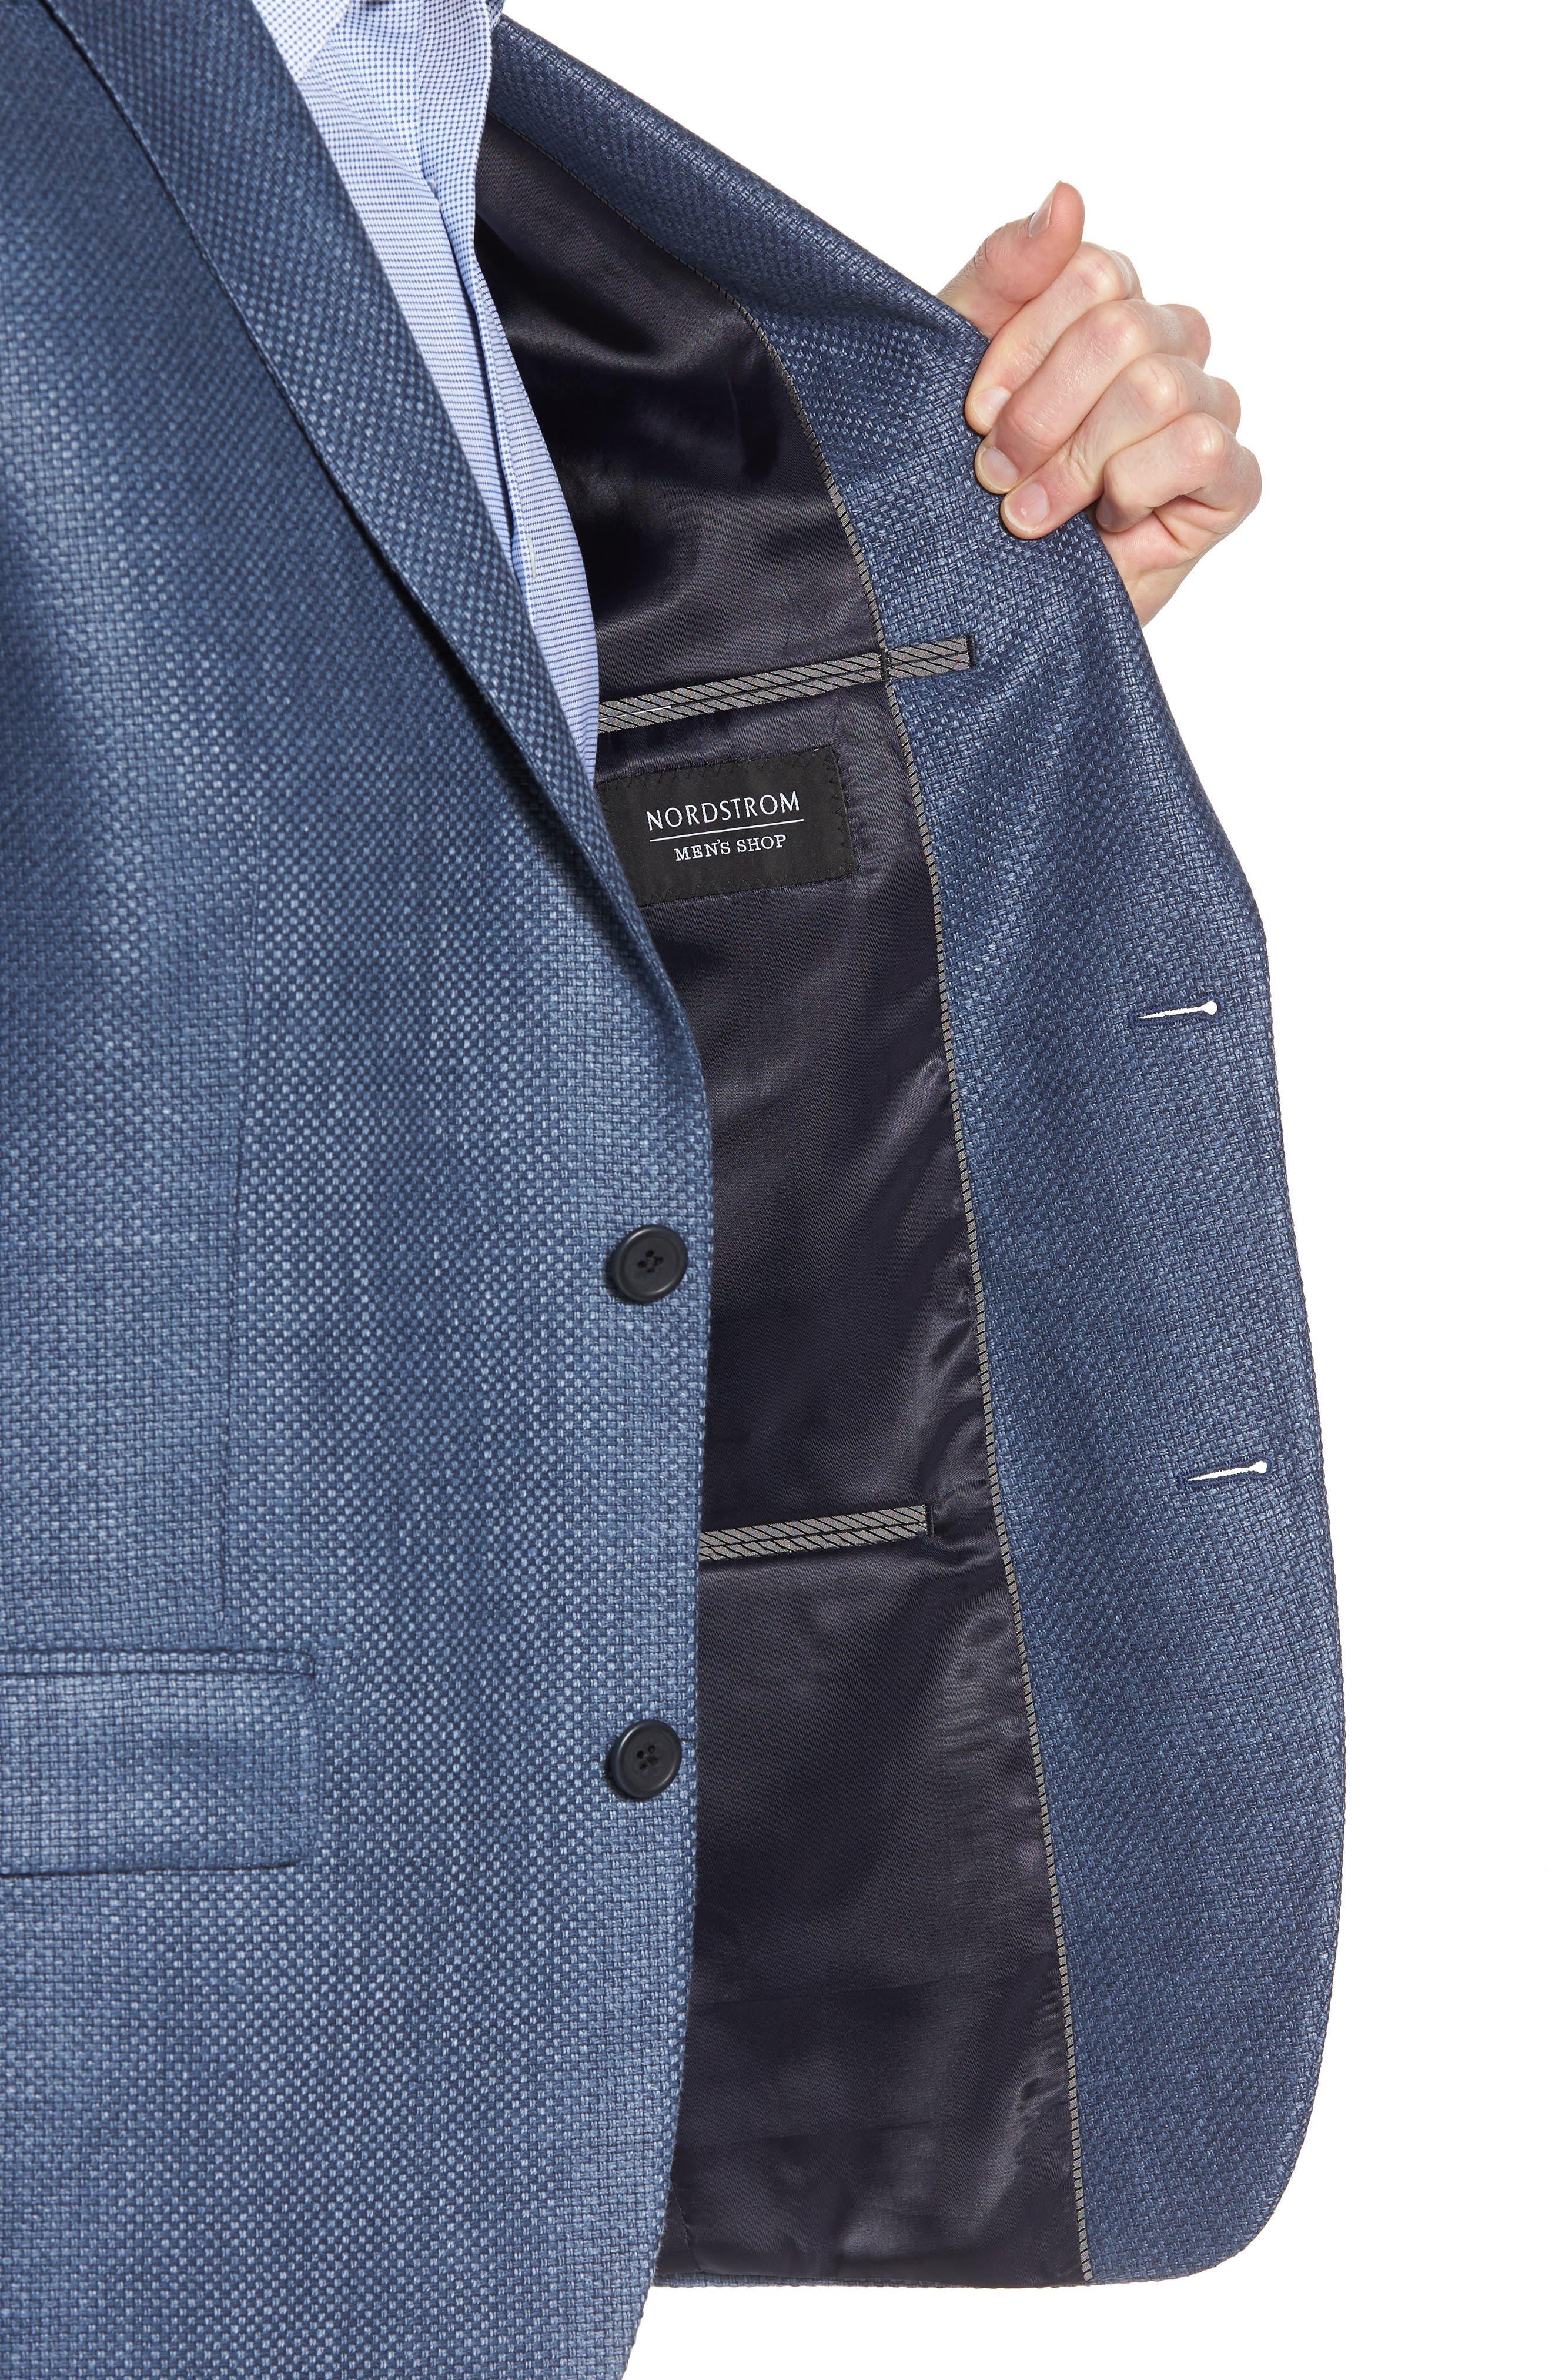 Trim Fit Wool & Linen Blazer,                             Alternate thumbnail 4, color,                             Blue